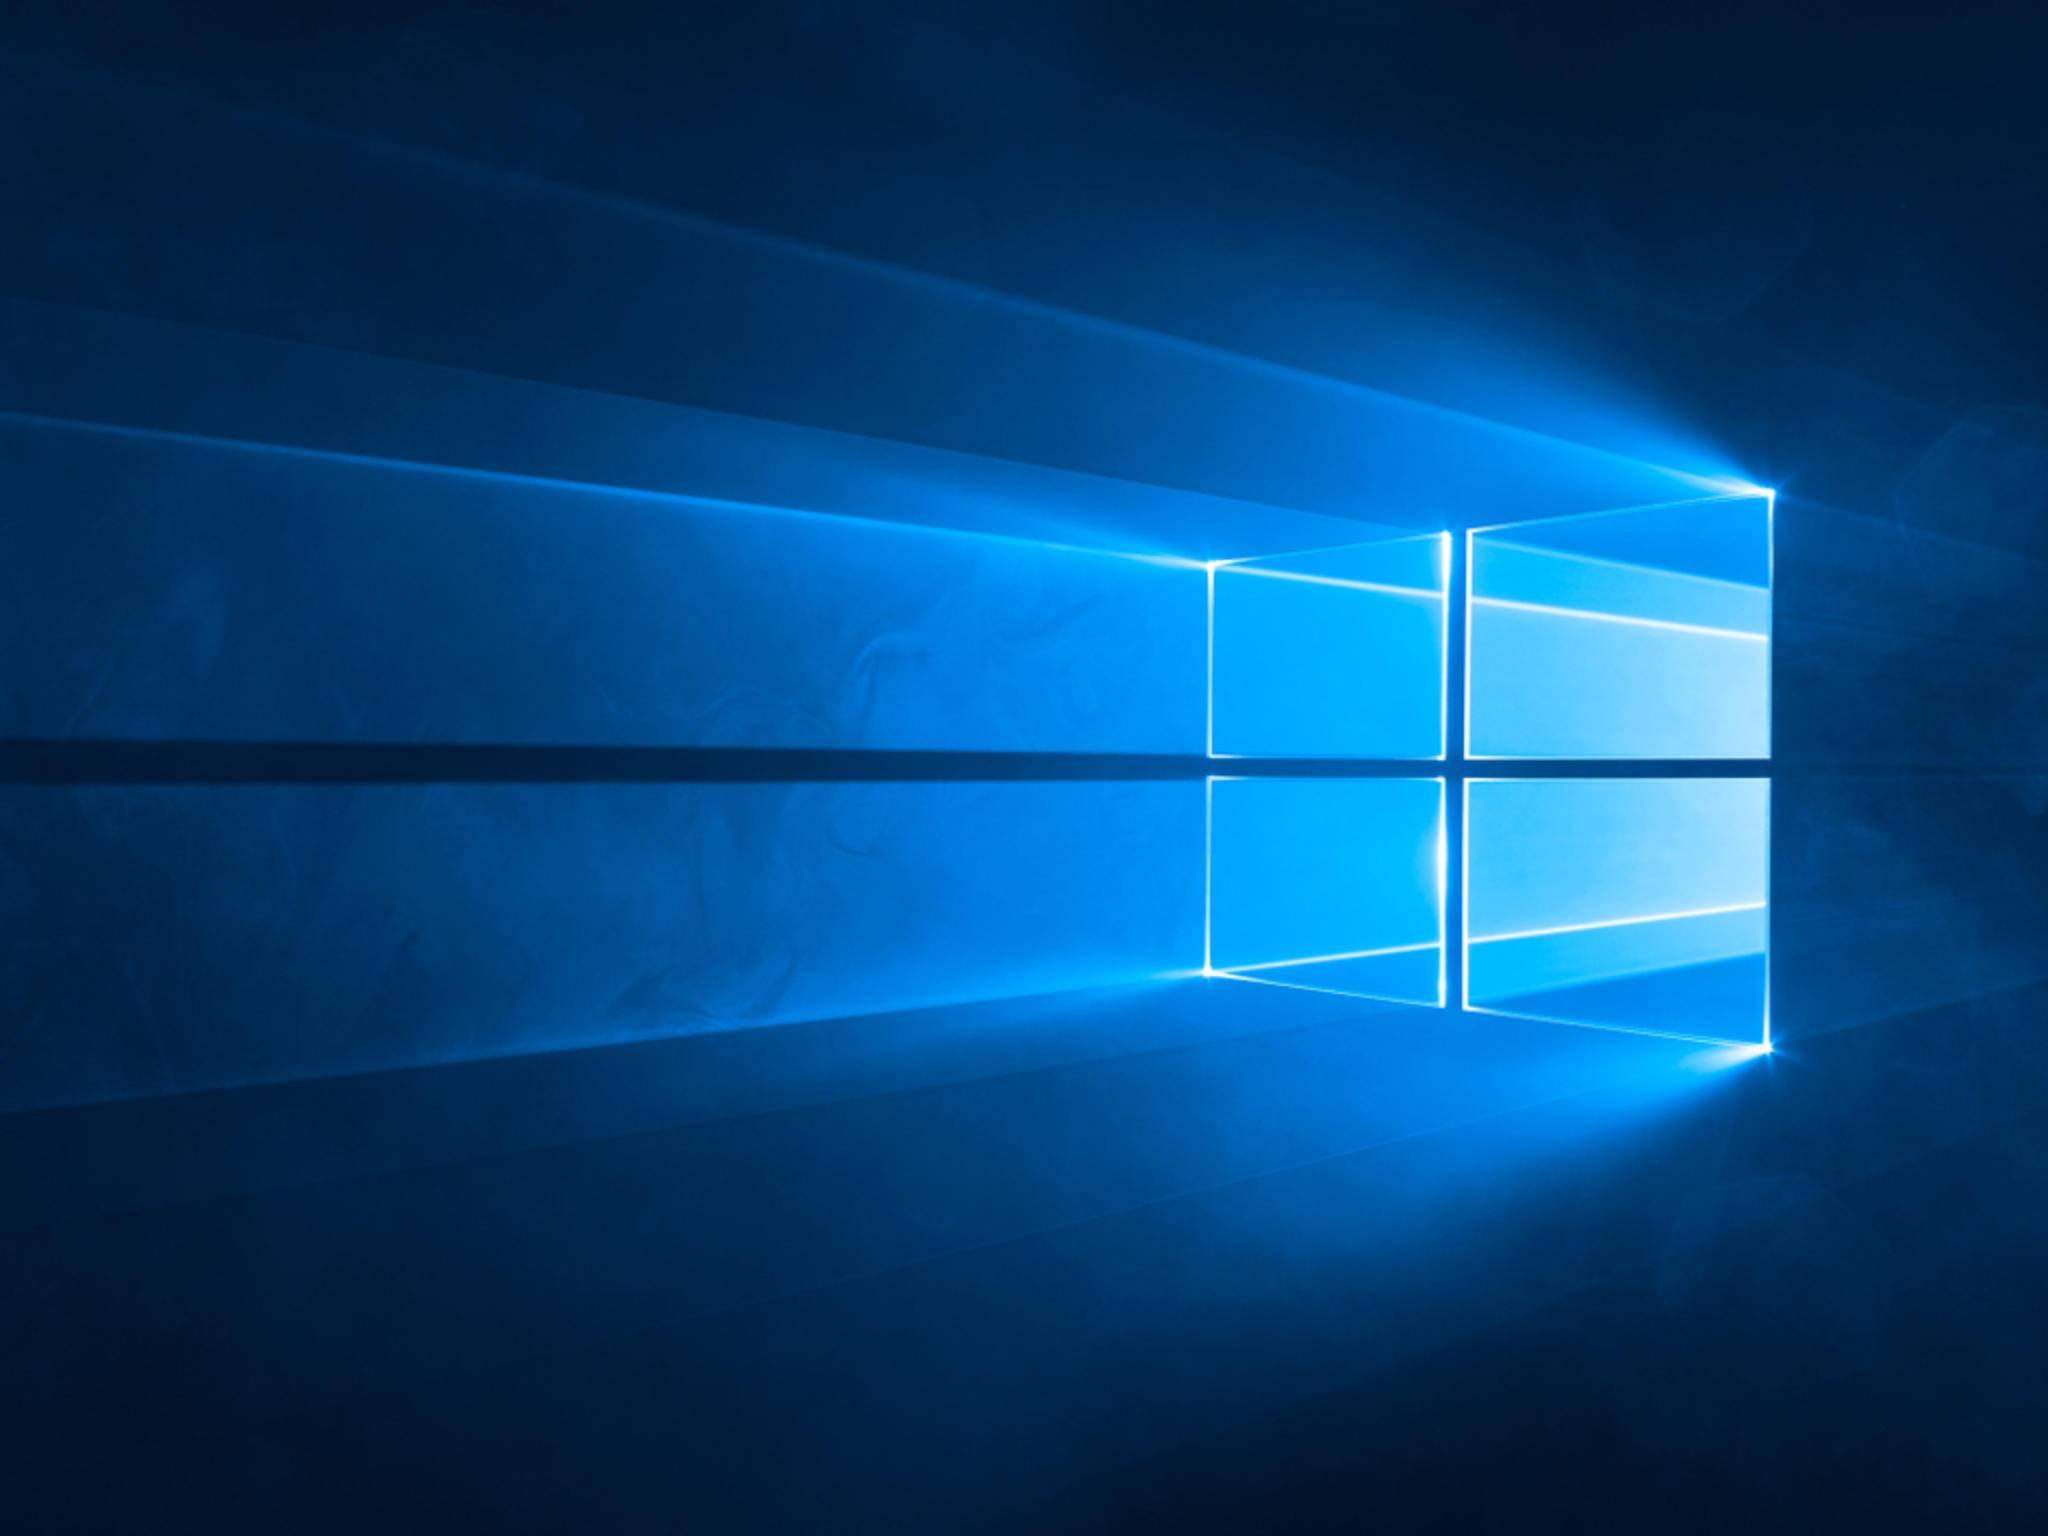 Wir zeigen Dir, wie Du Windows 10 aktivierst.